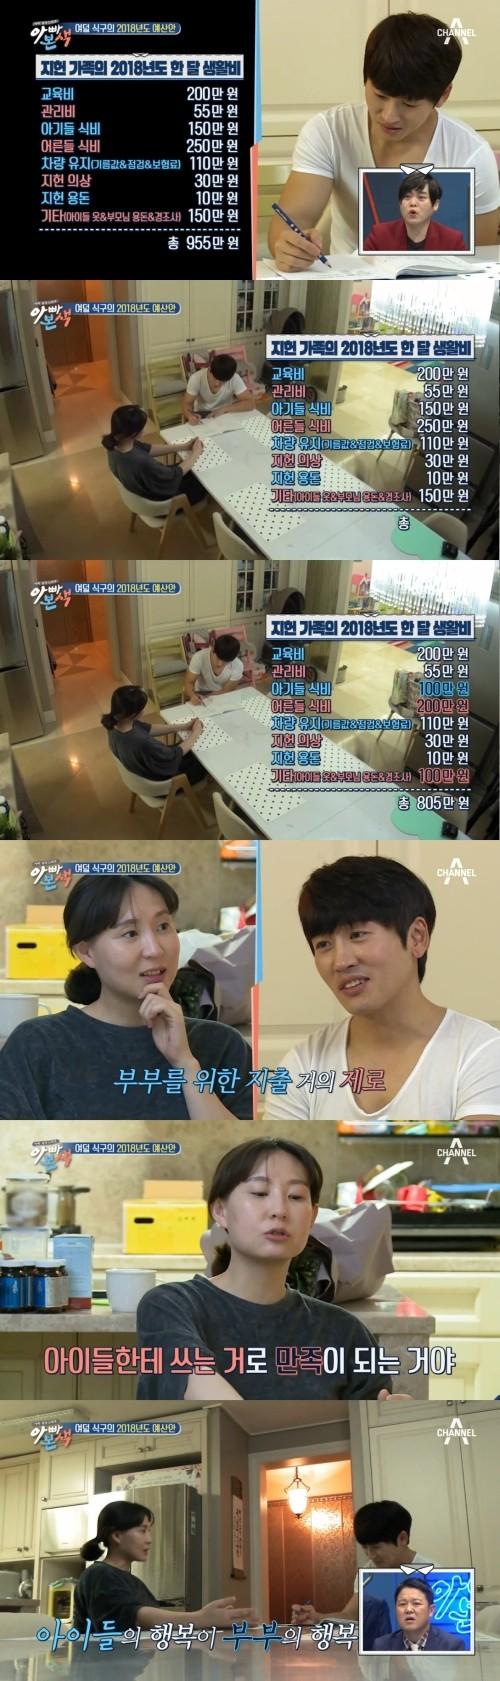 '아빠본색' 곧 6남매 아빠되는 박지헌이 공개한 한달 생활비 무려 '955만원'